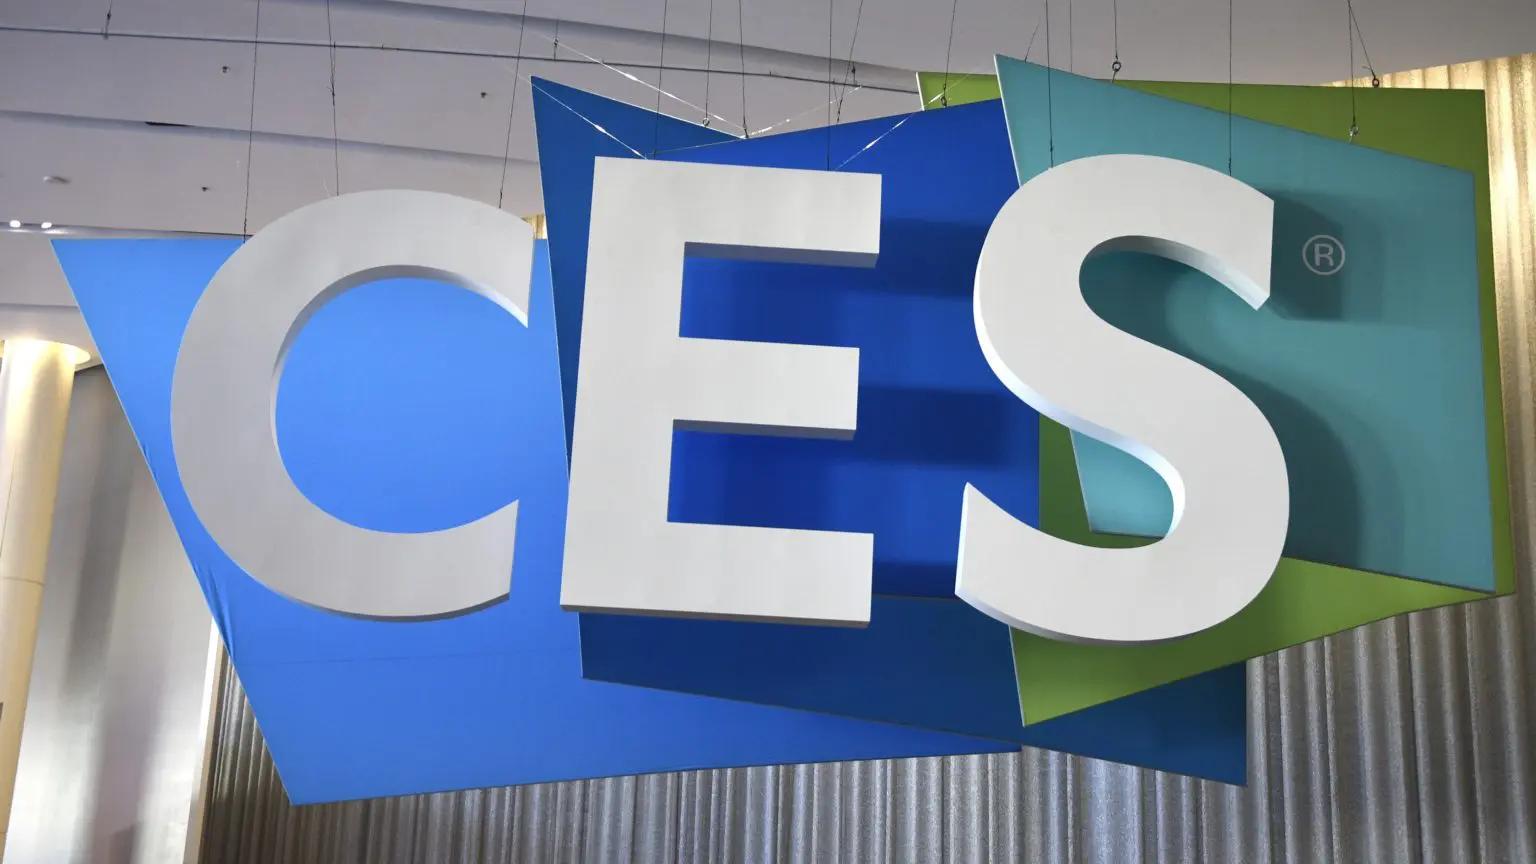 معرض التقنية العالمي CES سيقام عبر الإنترنت في 2021 بسبب كورونا